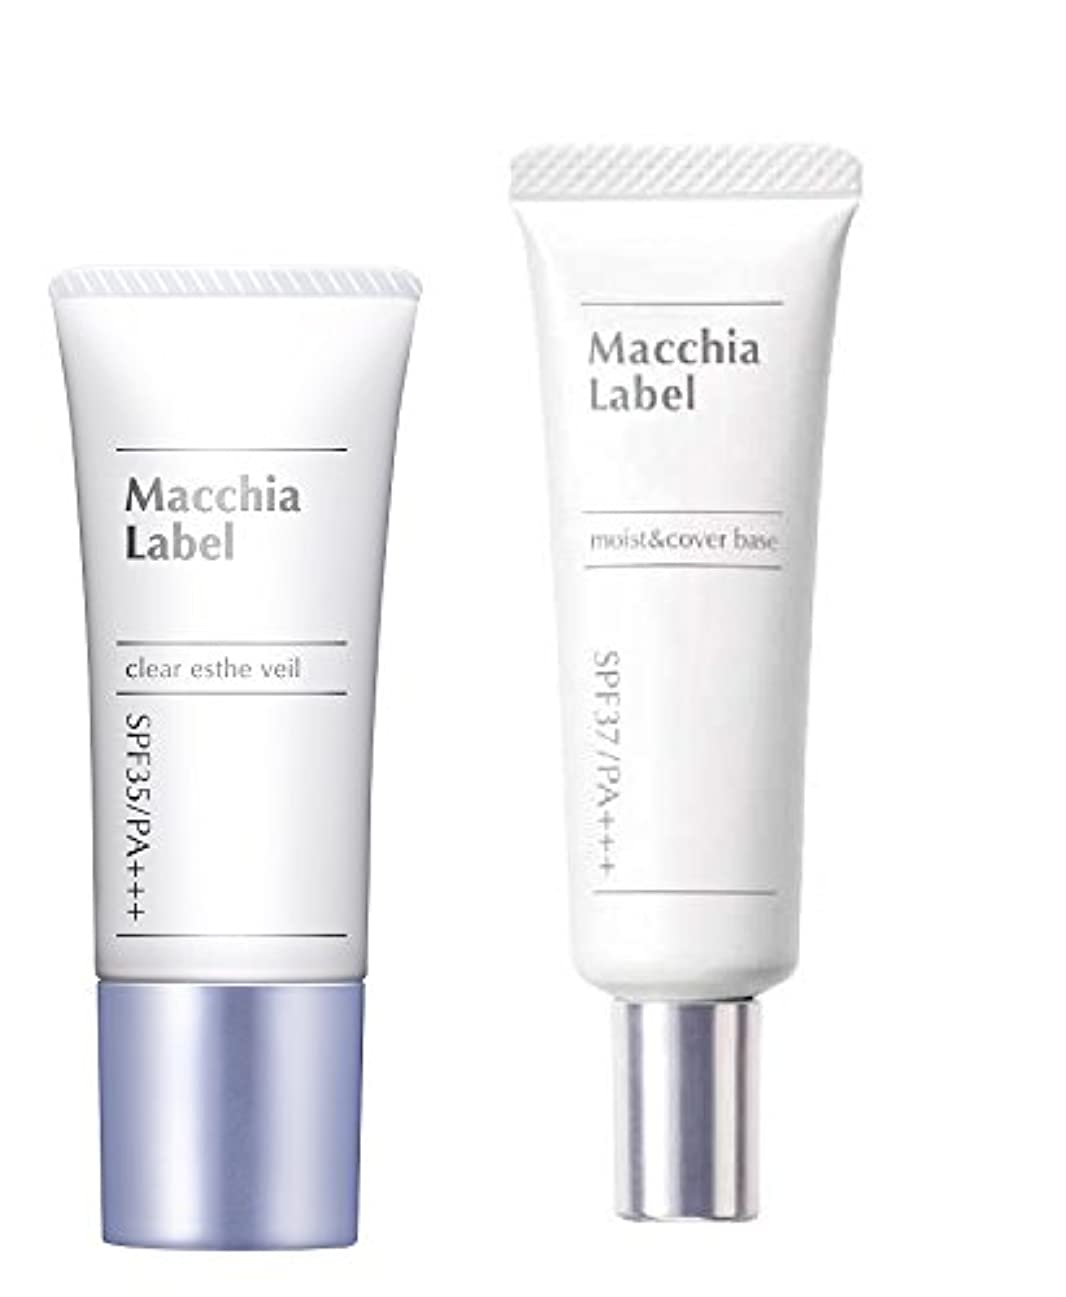 シャット敵対的測定可能MacchiaLabel 薬用クリアエステヴェール13ml+薬用モイスト&カバーベースセット (ナチュラル)